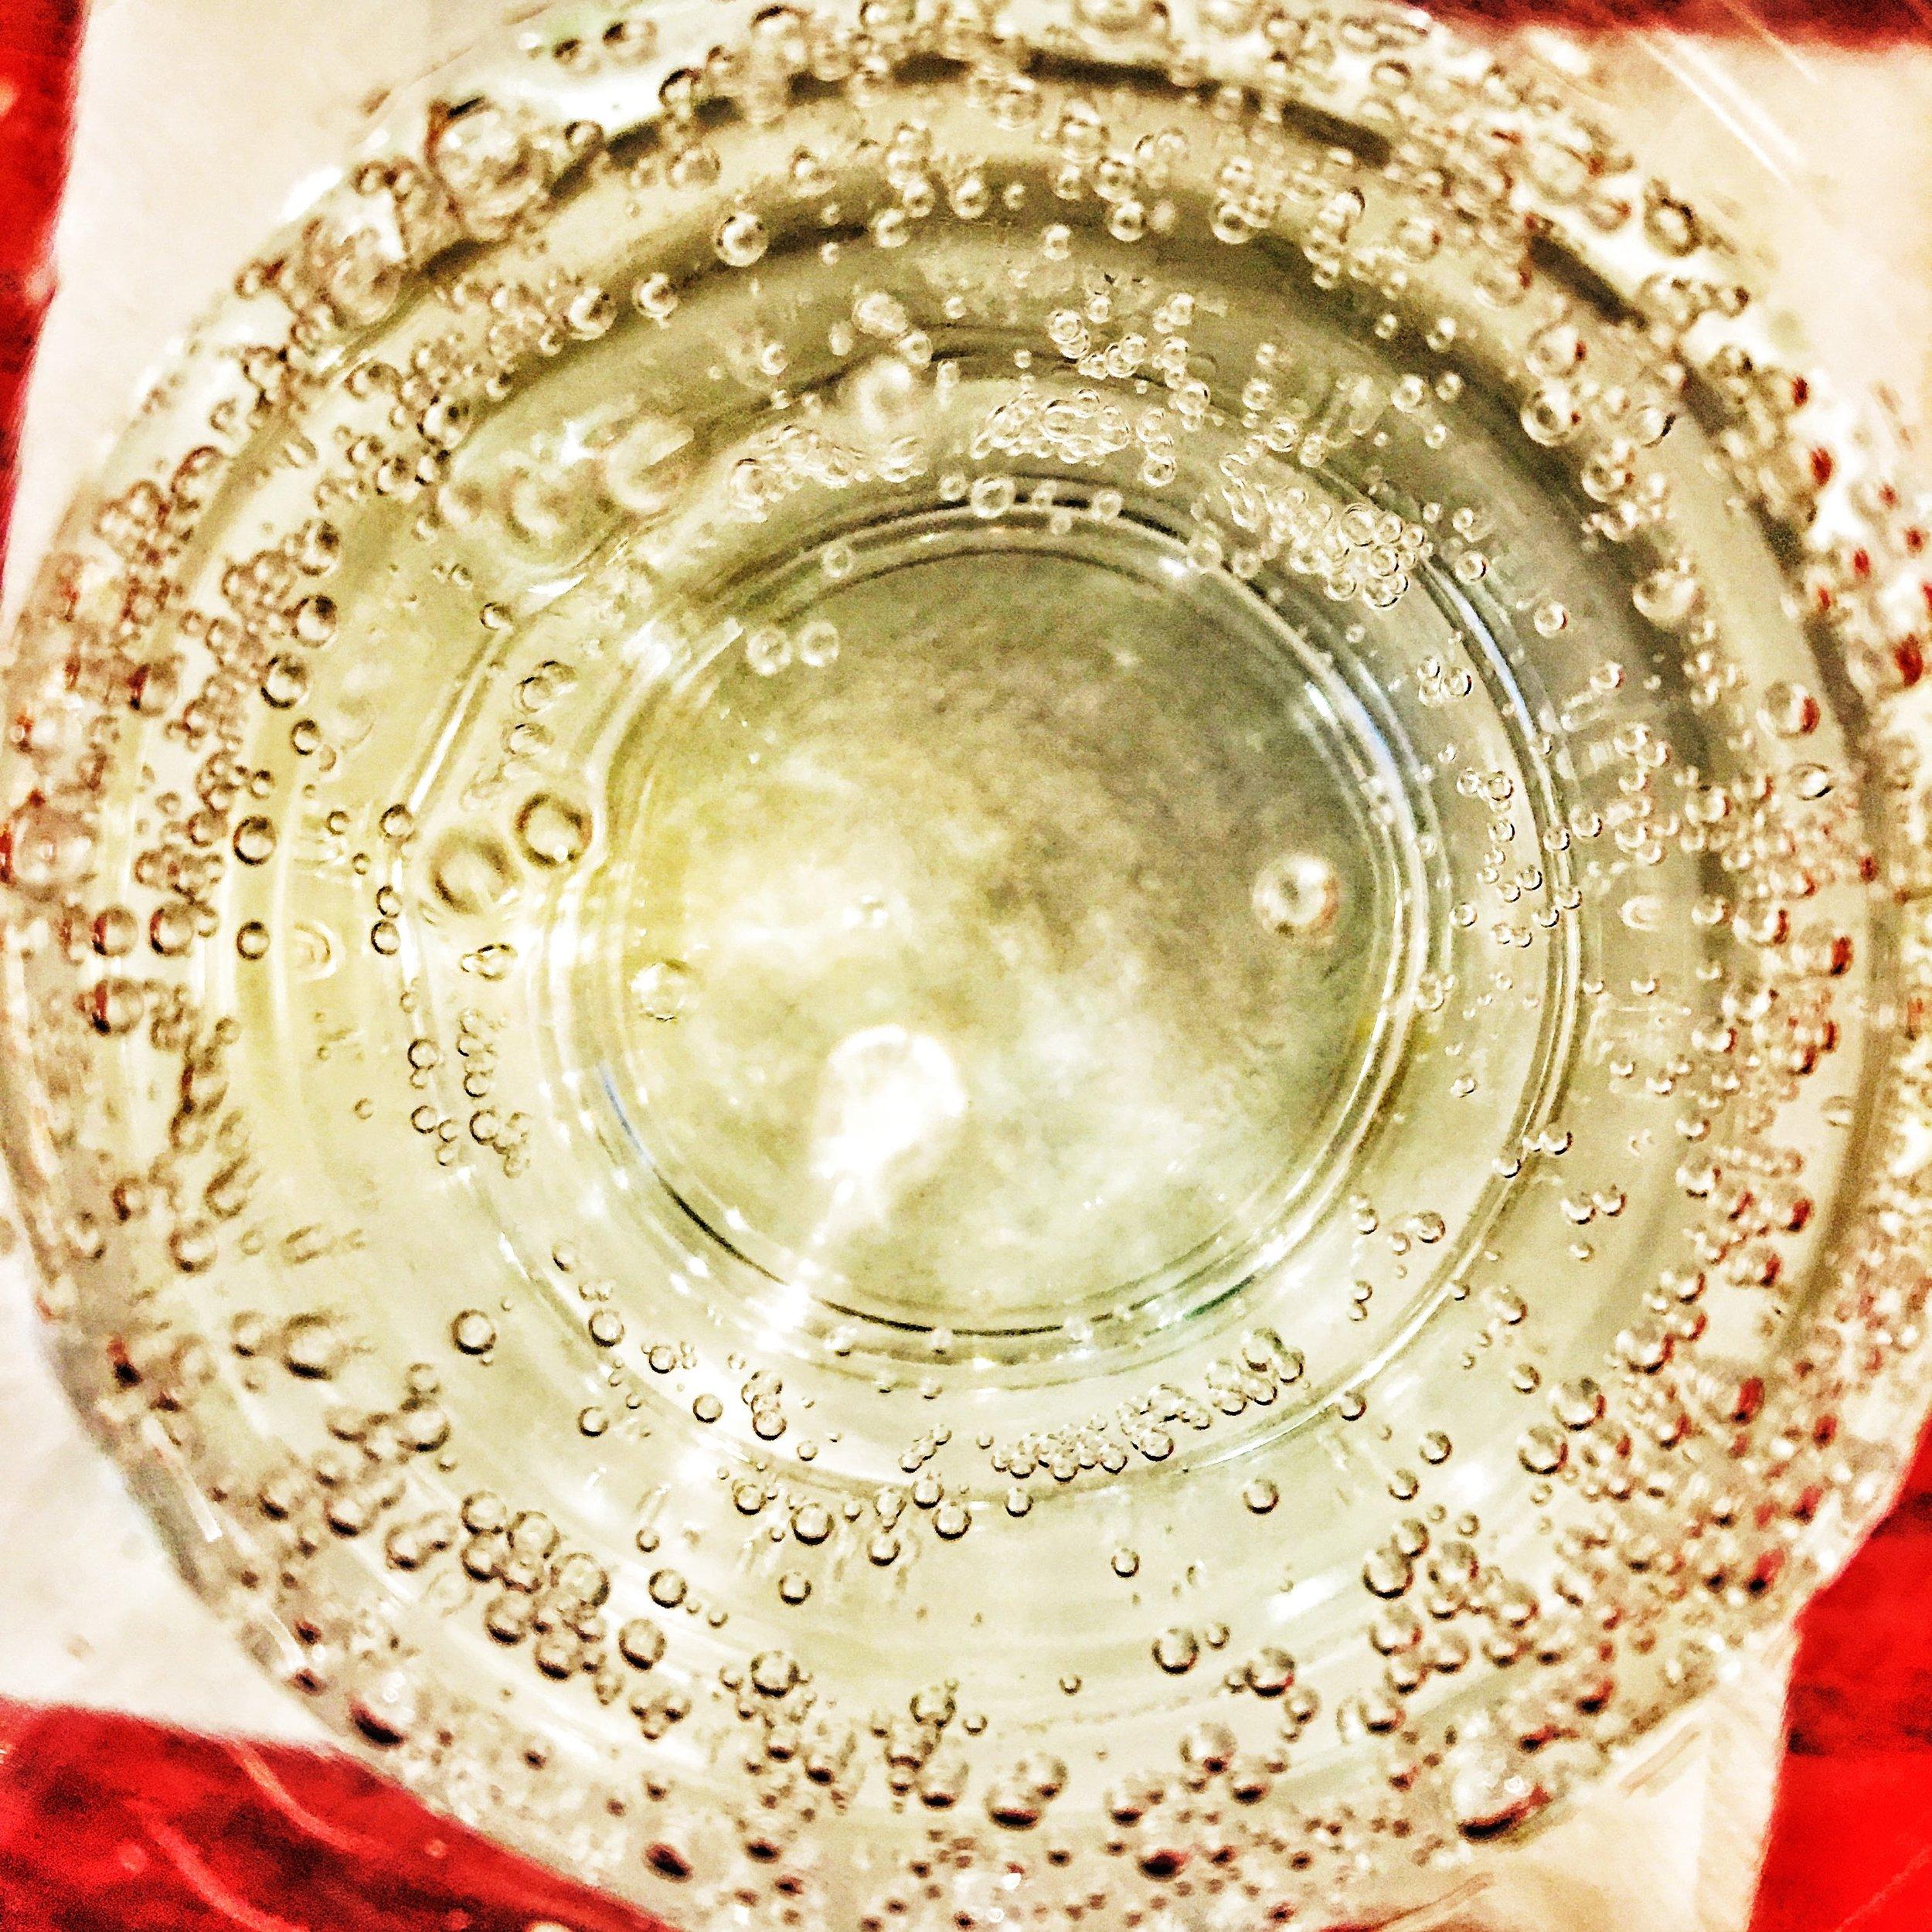 05_bubbles.JPG